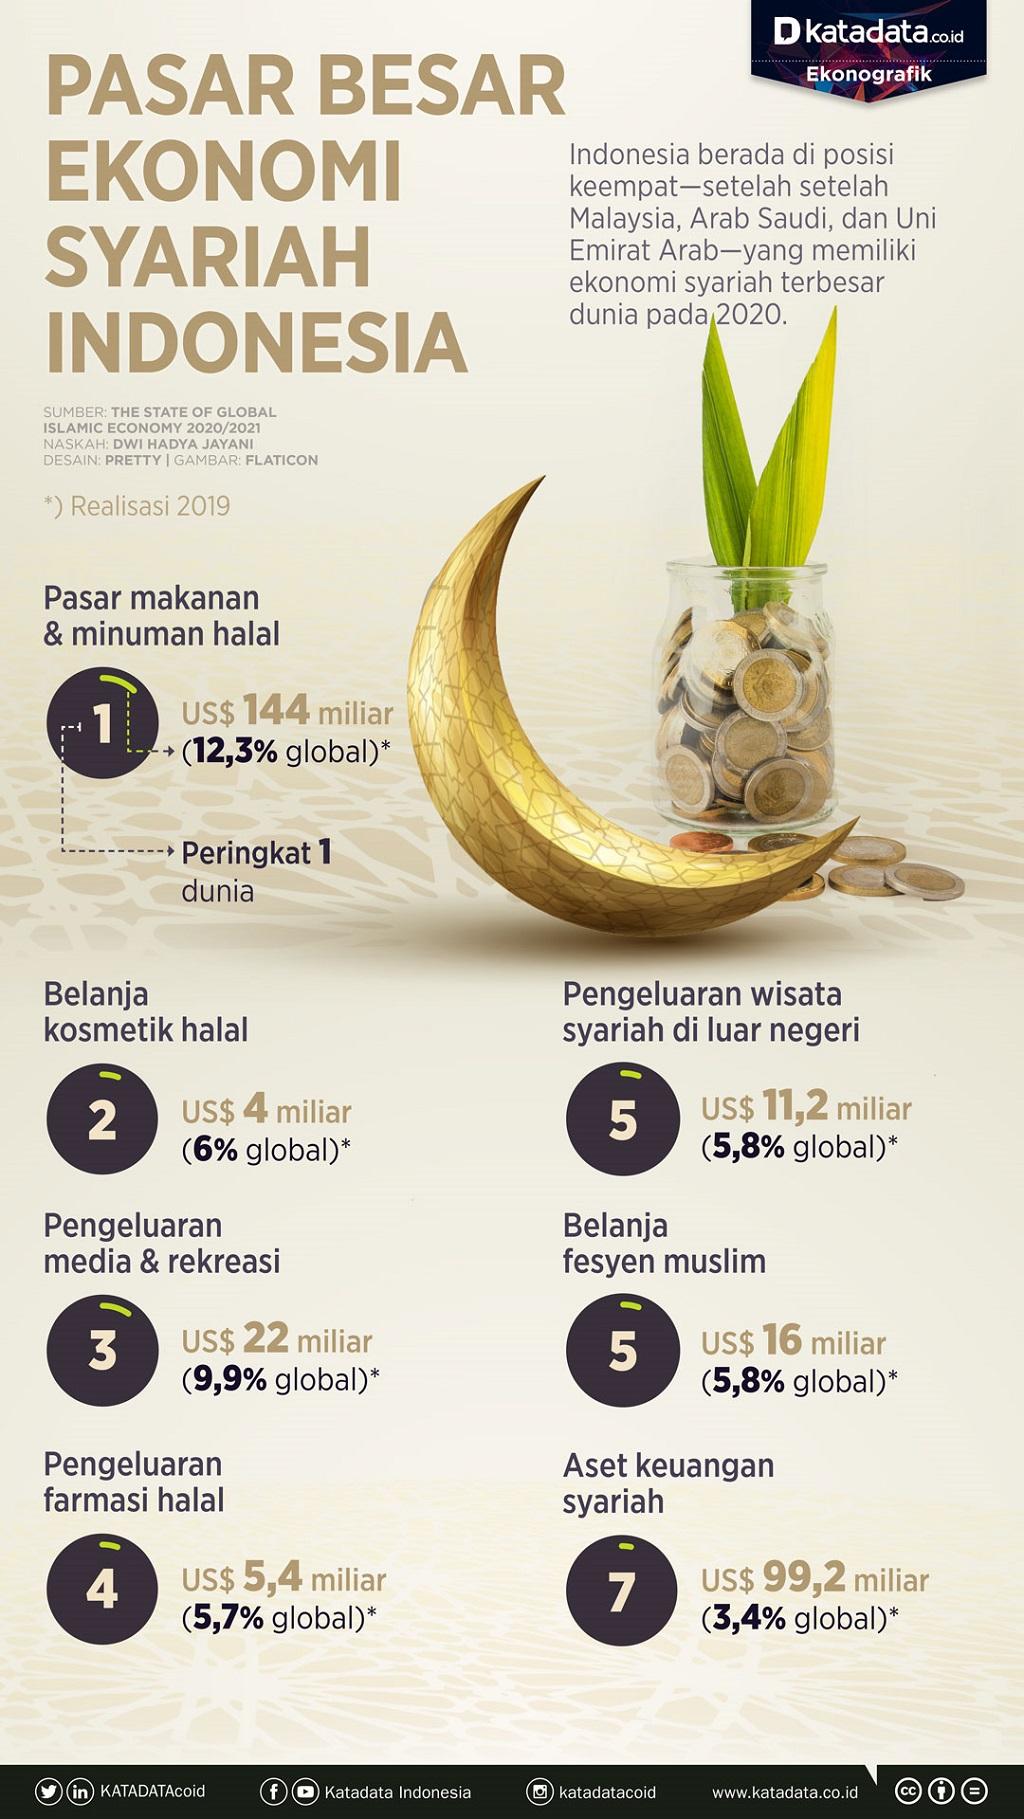 Infografik-Pasar besar ekonomi syariah indonesia